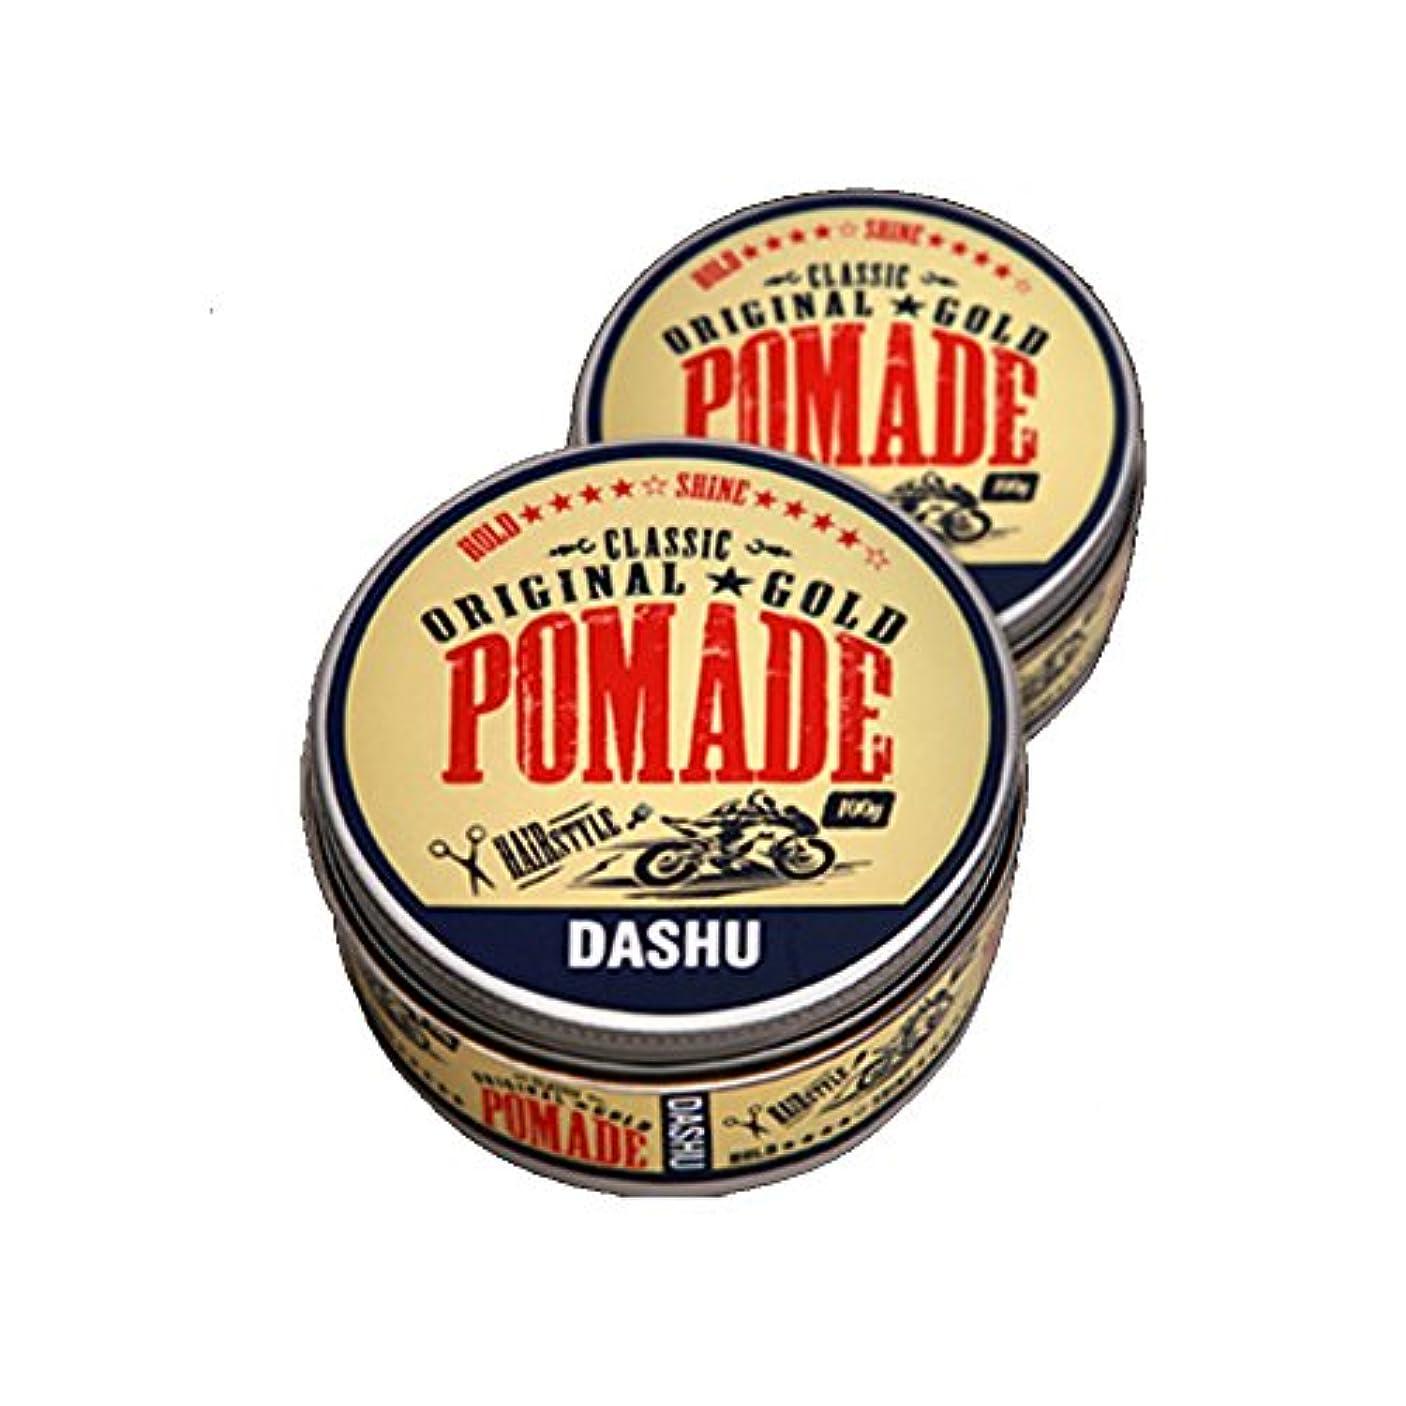 パーティションオアシスレモン(2個セット) x [DASHU] ダシュ クラシックオリジナルゴールドポマードヘアワックス Classic Original Gold Pomade Hair Wax 100ml / 韓国製 . 韓国直送品